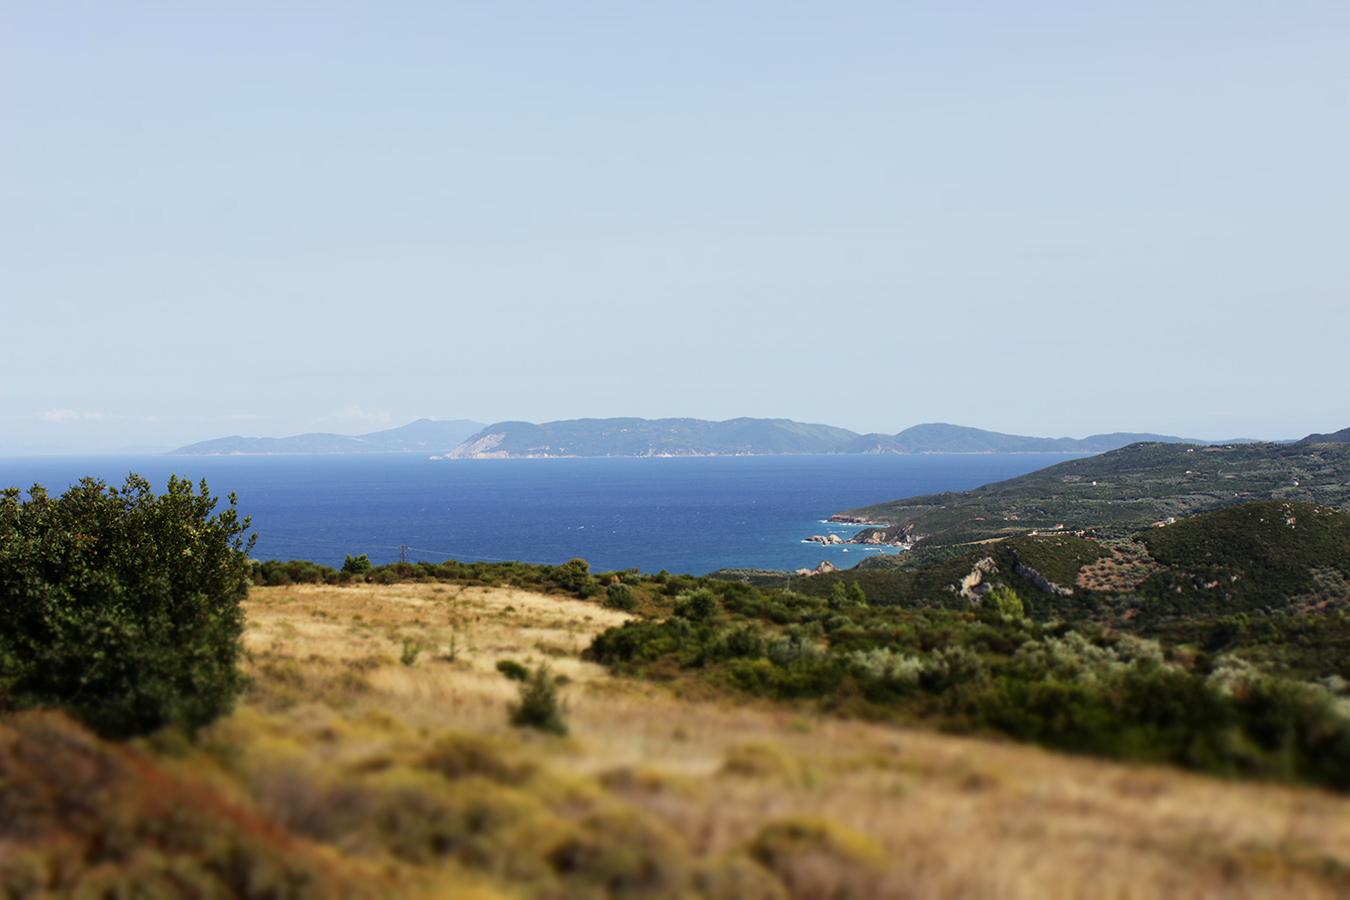 Blick auf die Insel Skiathos (Ägäisseite)